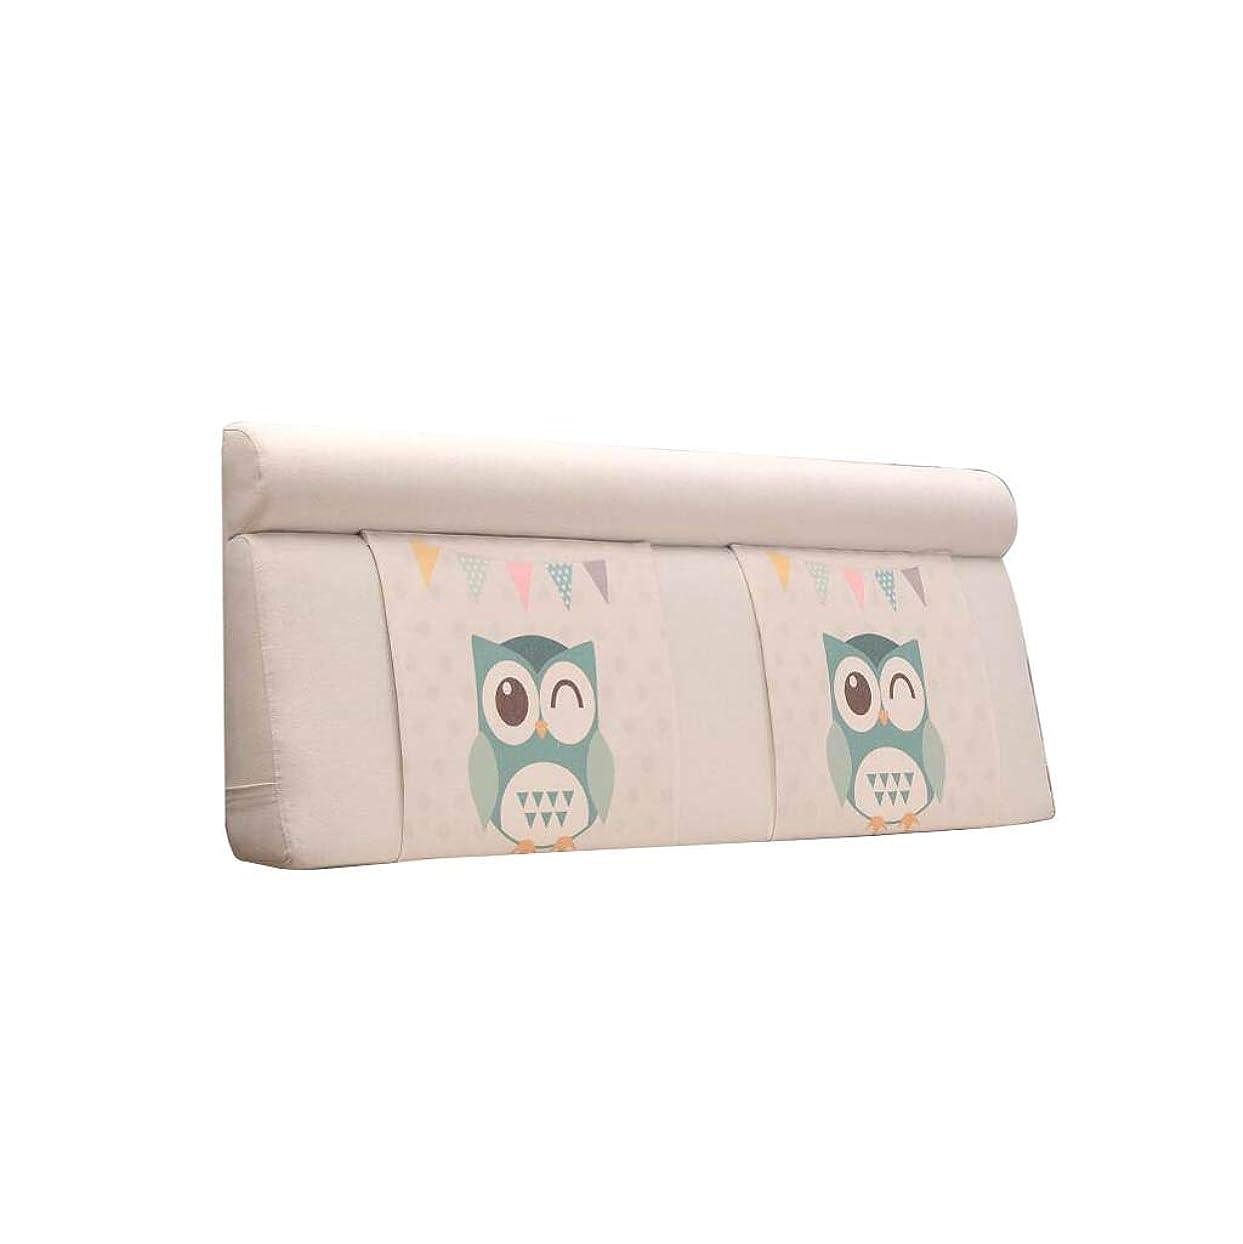 クローントランペット写真を描くJAZC ヘッドボード クッショ ベッドサイドソフトケースダブルクロスウォッシュ&ウォッシュピローベッドラージクッションバックレスト畳ベッドカバーベッドサイドなし (Color : 12, Size : 150X60cm)